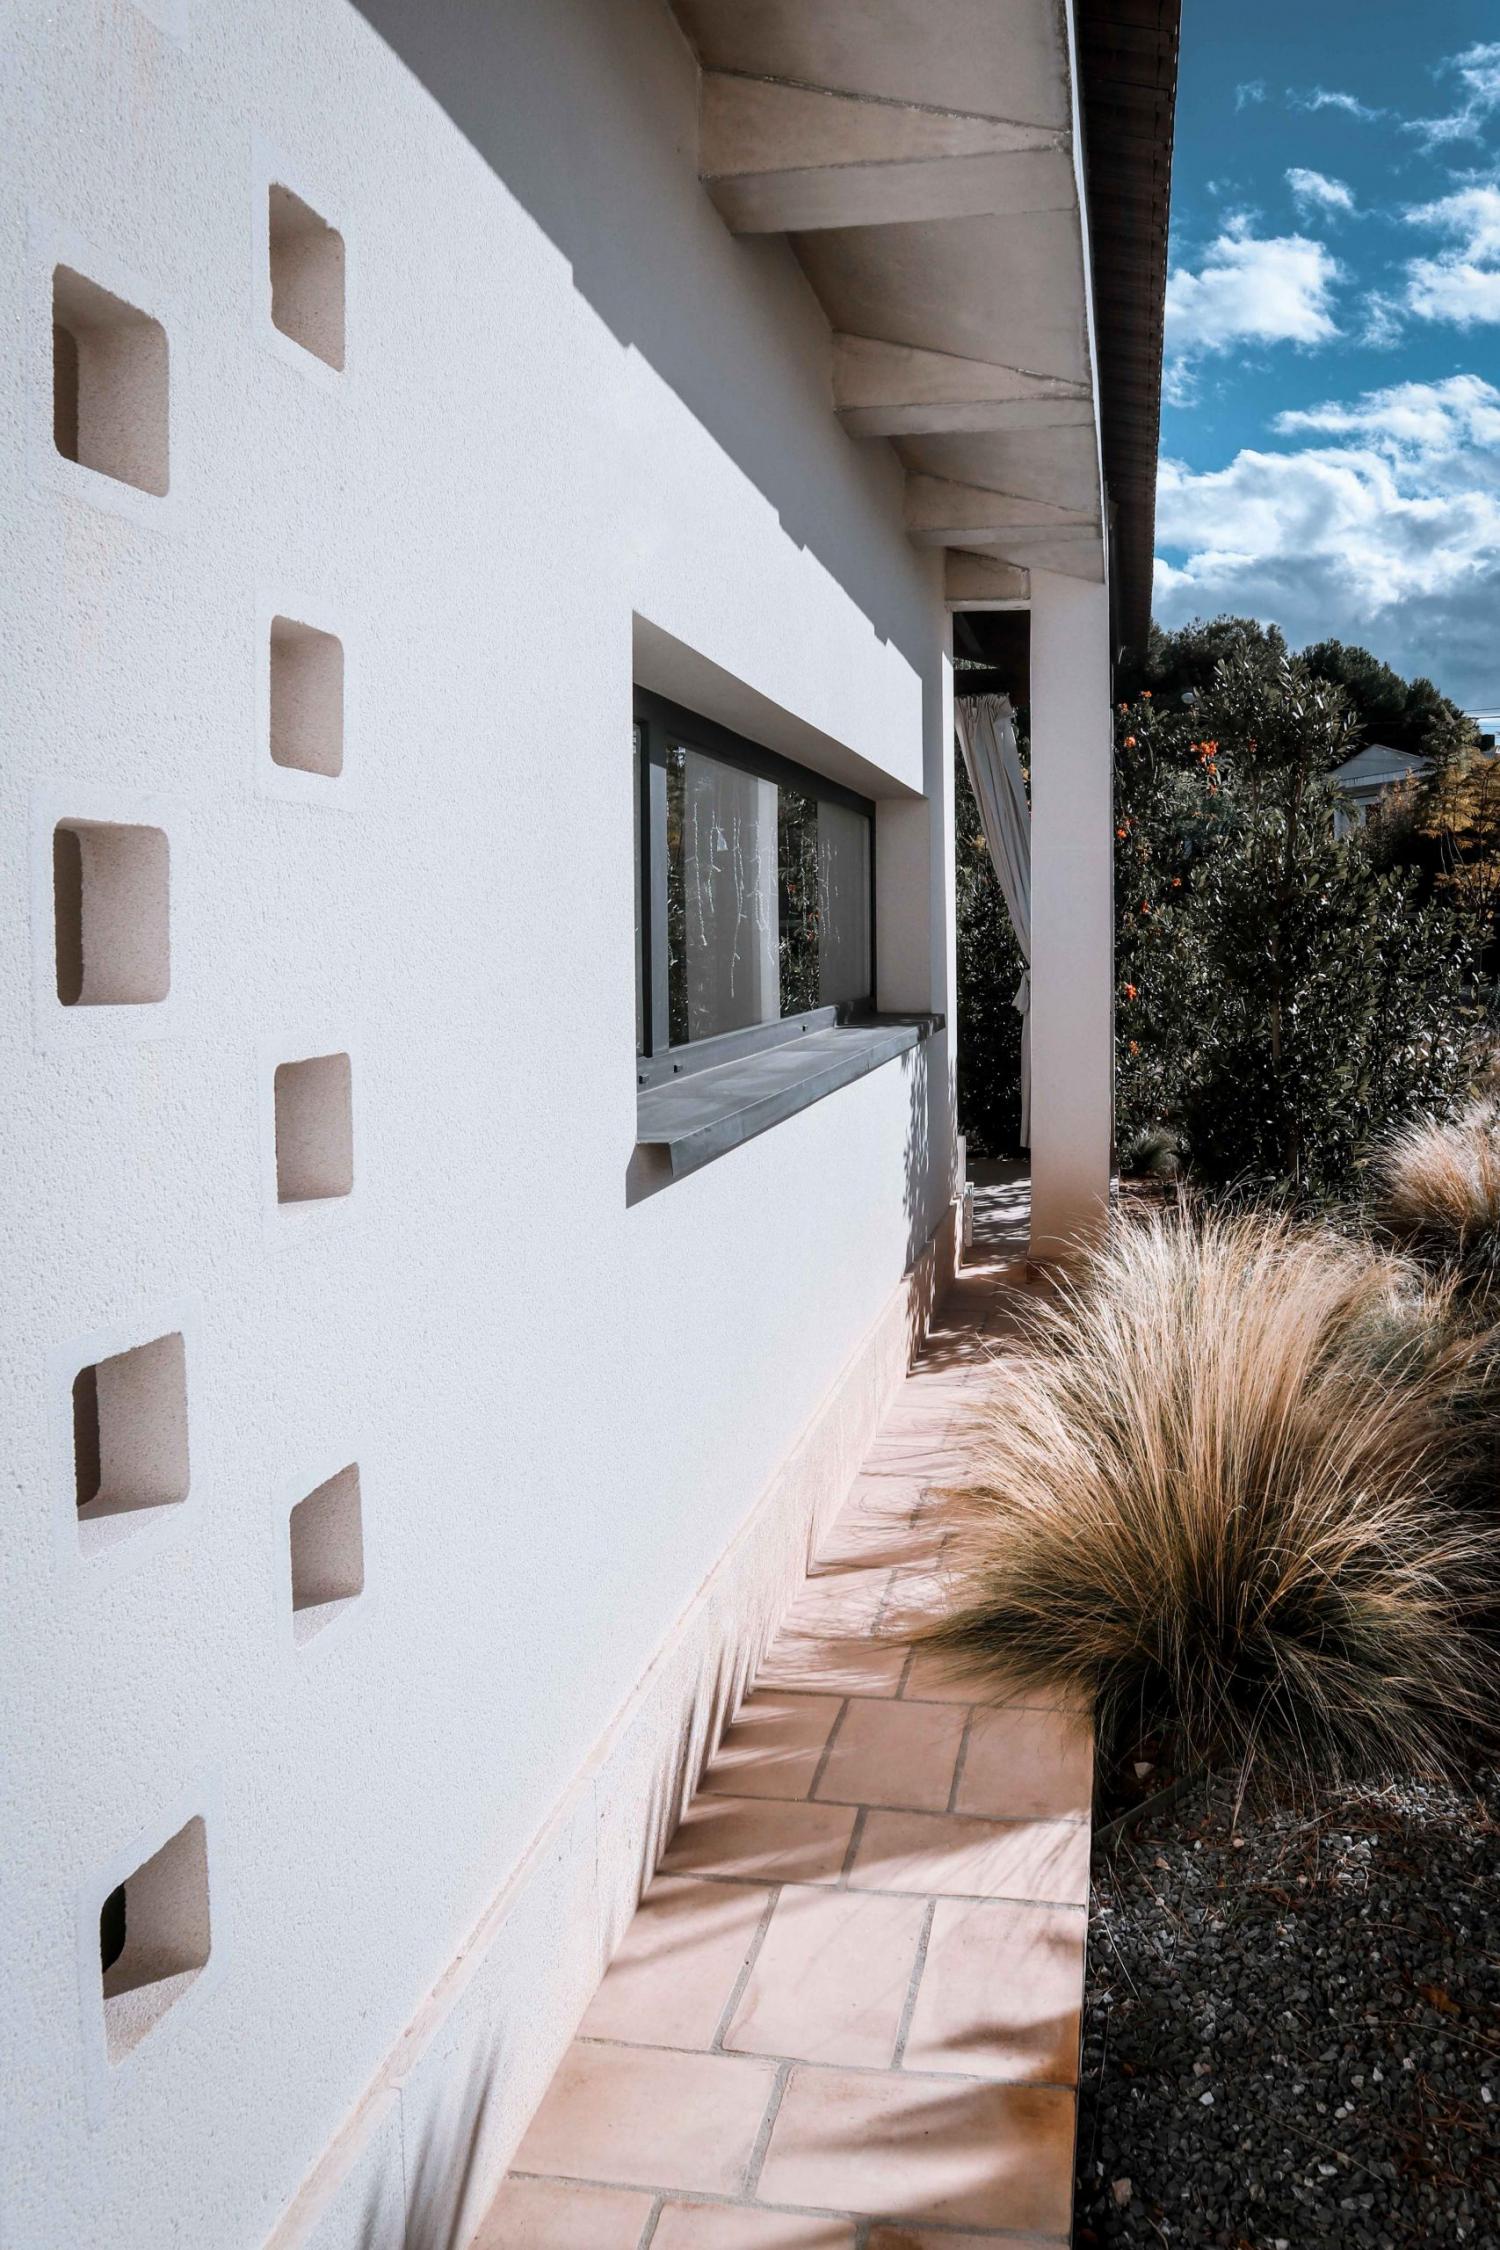 Ventana de cocina y jardín en arquitectura unifamiliar